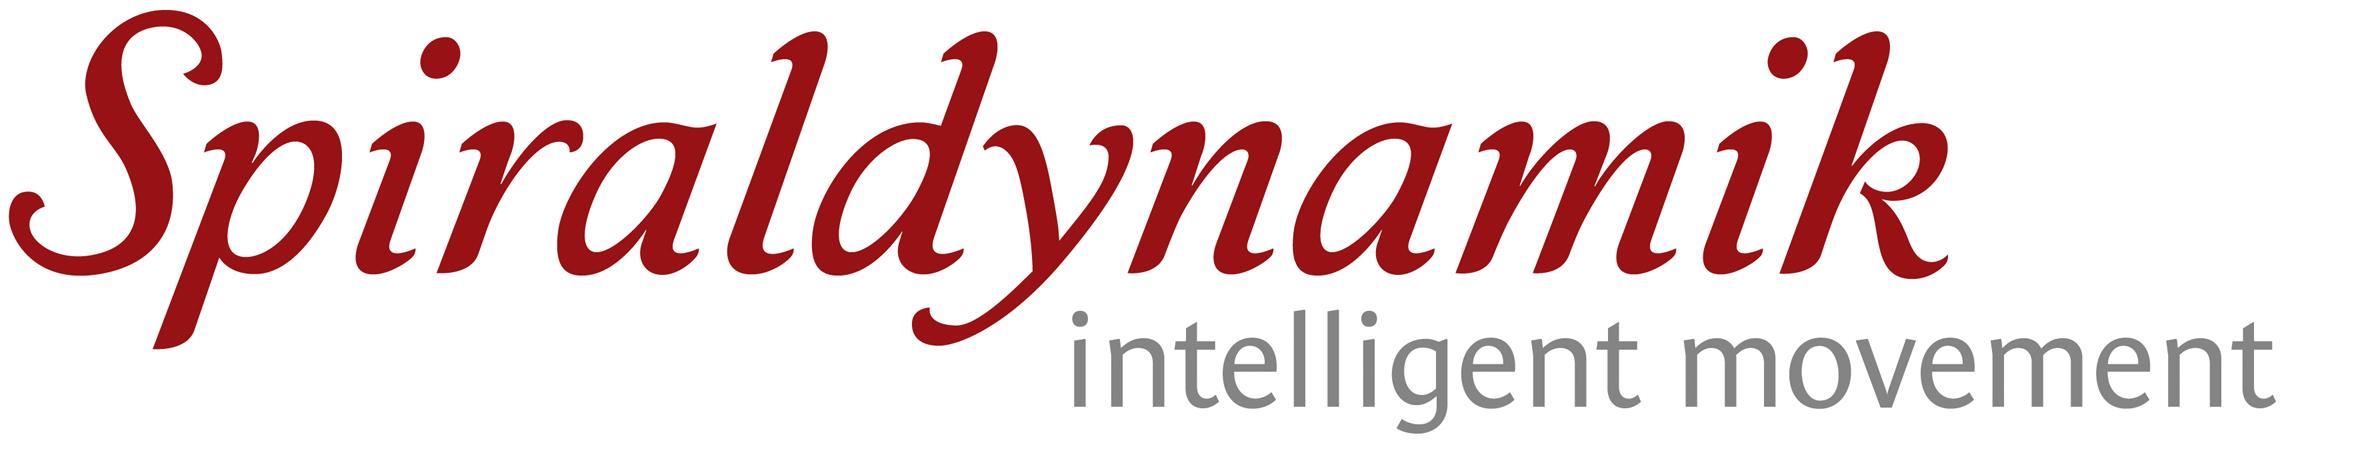 Spiraldynamik - Netzwerkpartner der AMM